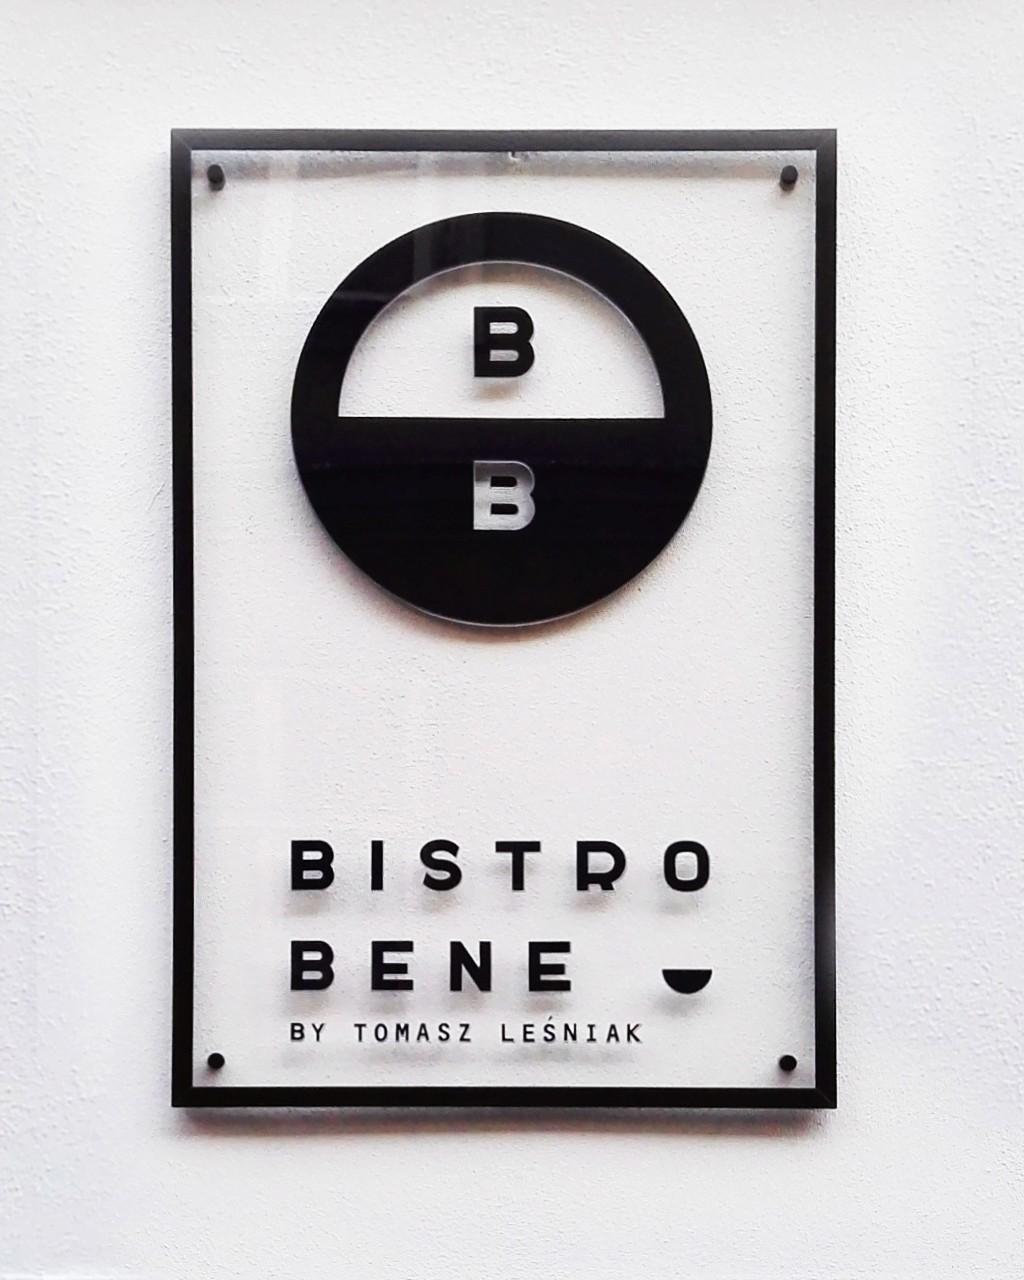 NOTA_RESTRO_BISTRO_BENE